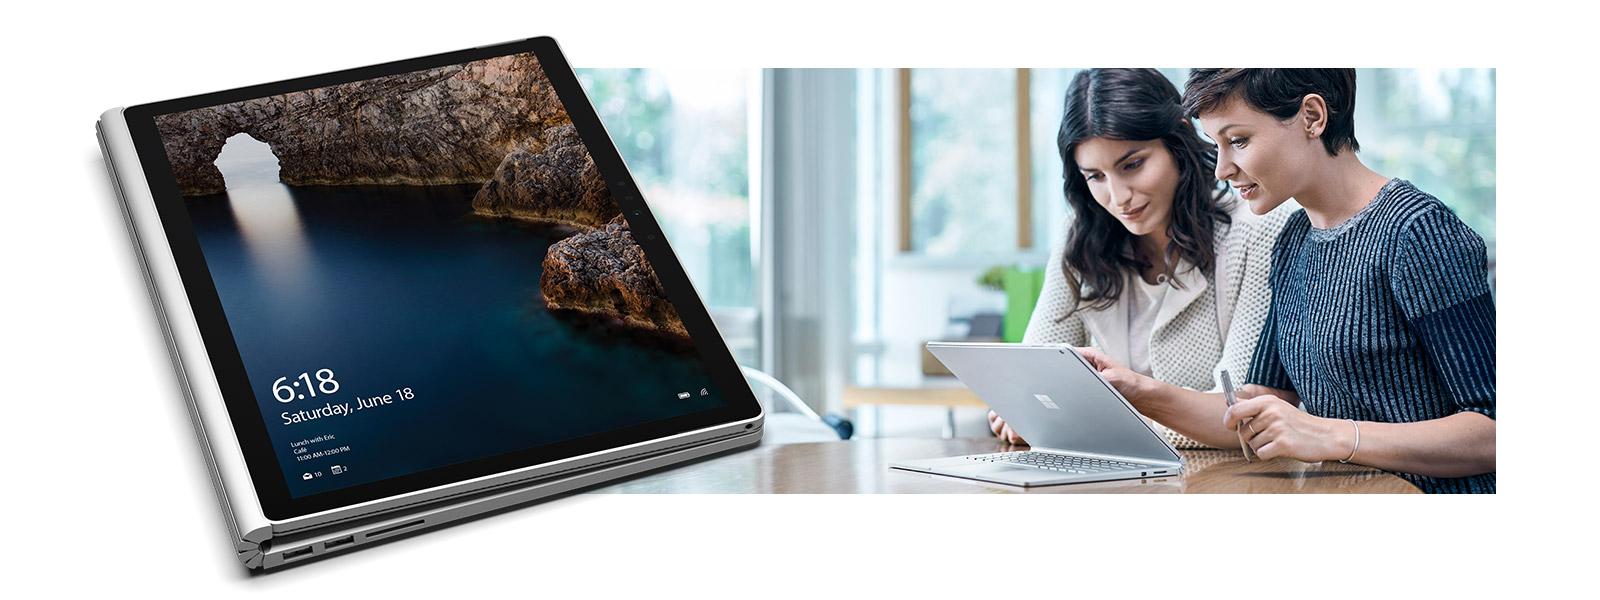 デスクで Surface Book を使って作業する 2 人の女性とその隣にある描画モードの Surface Book